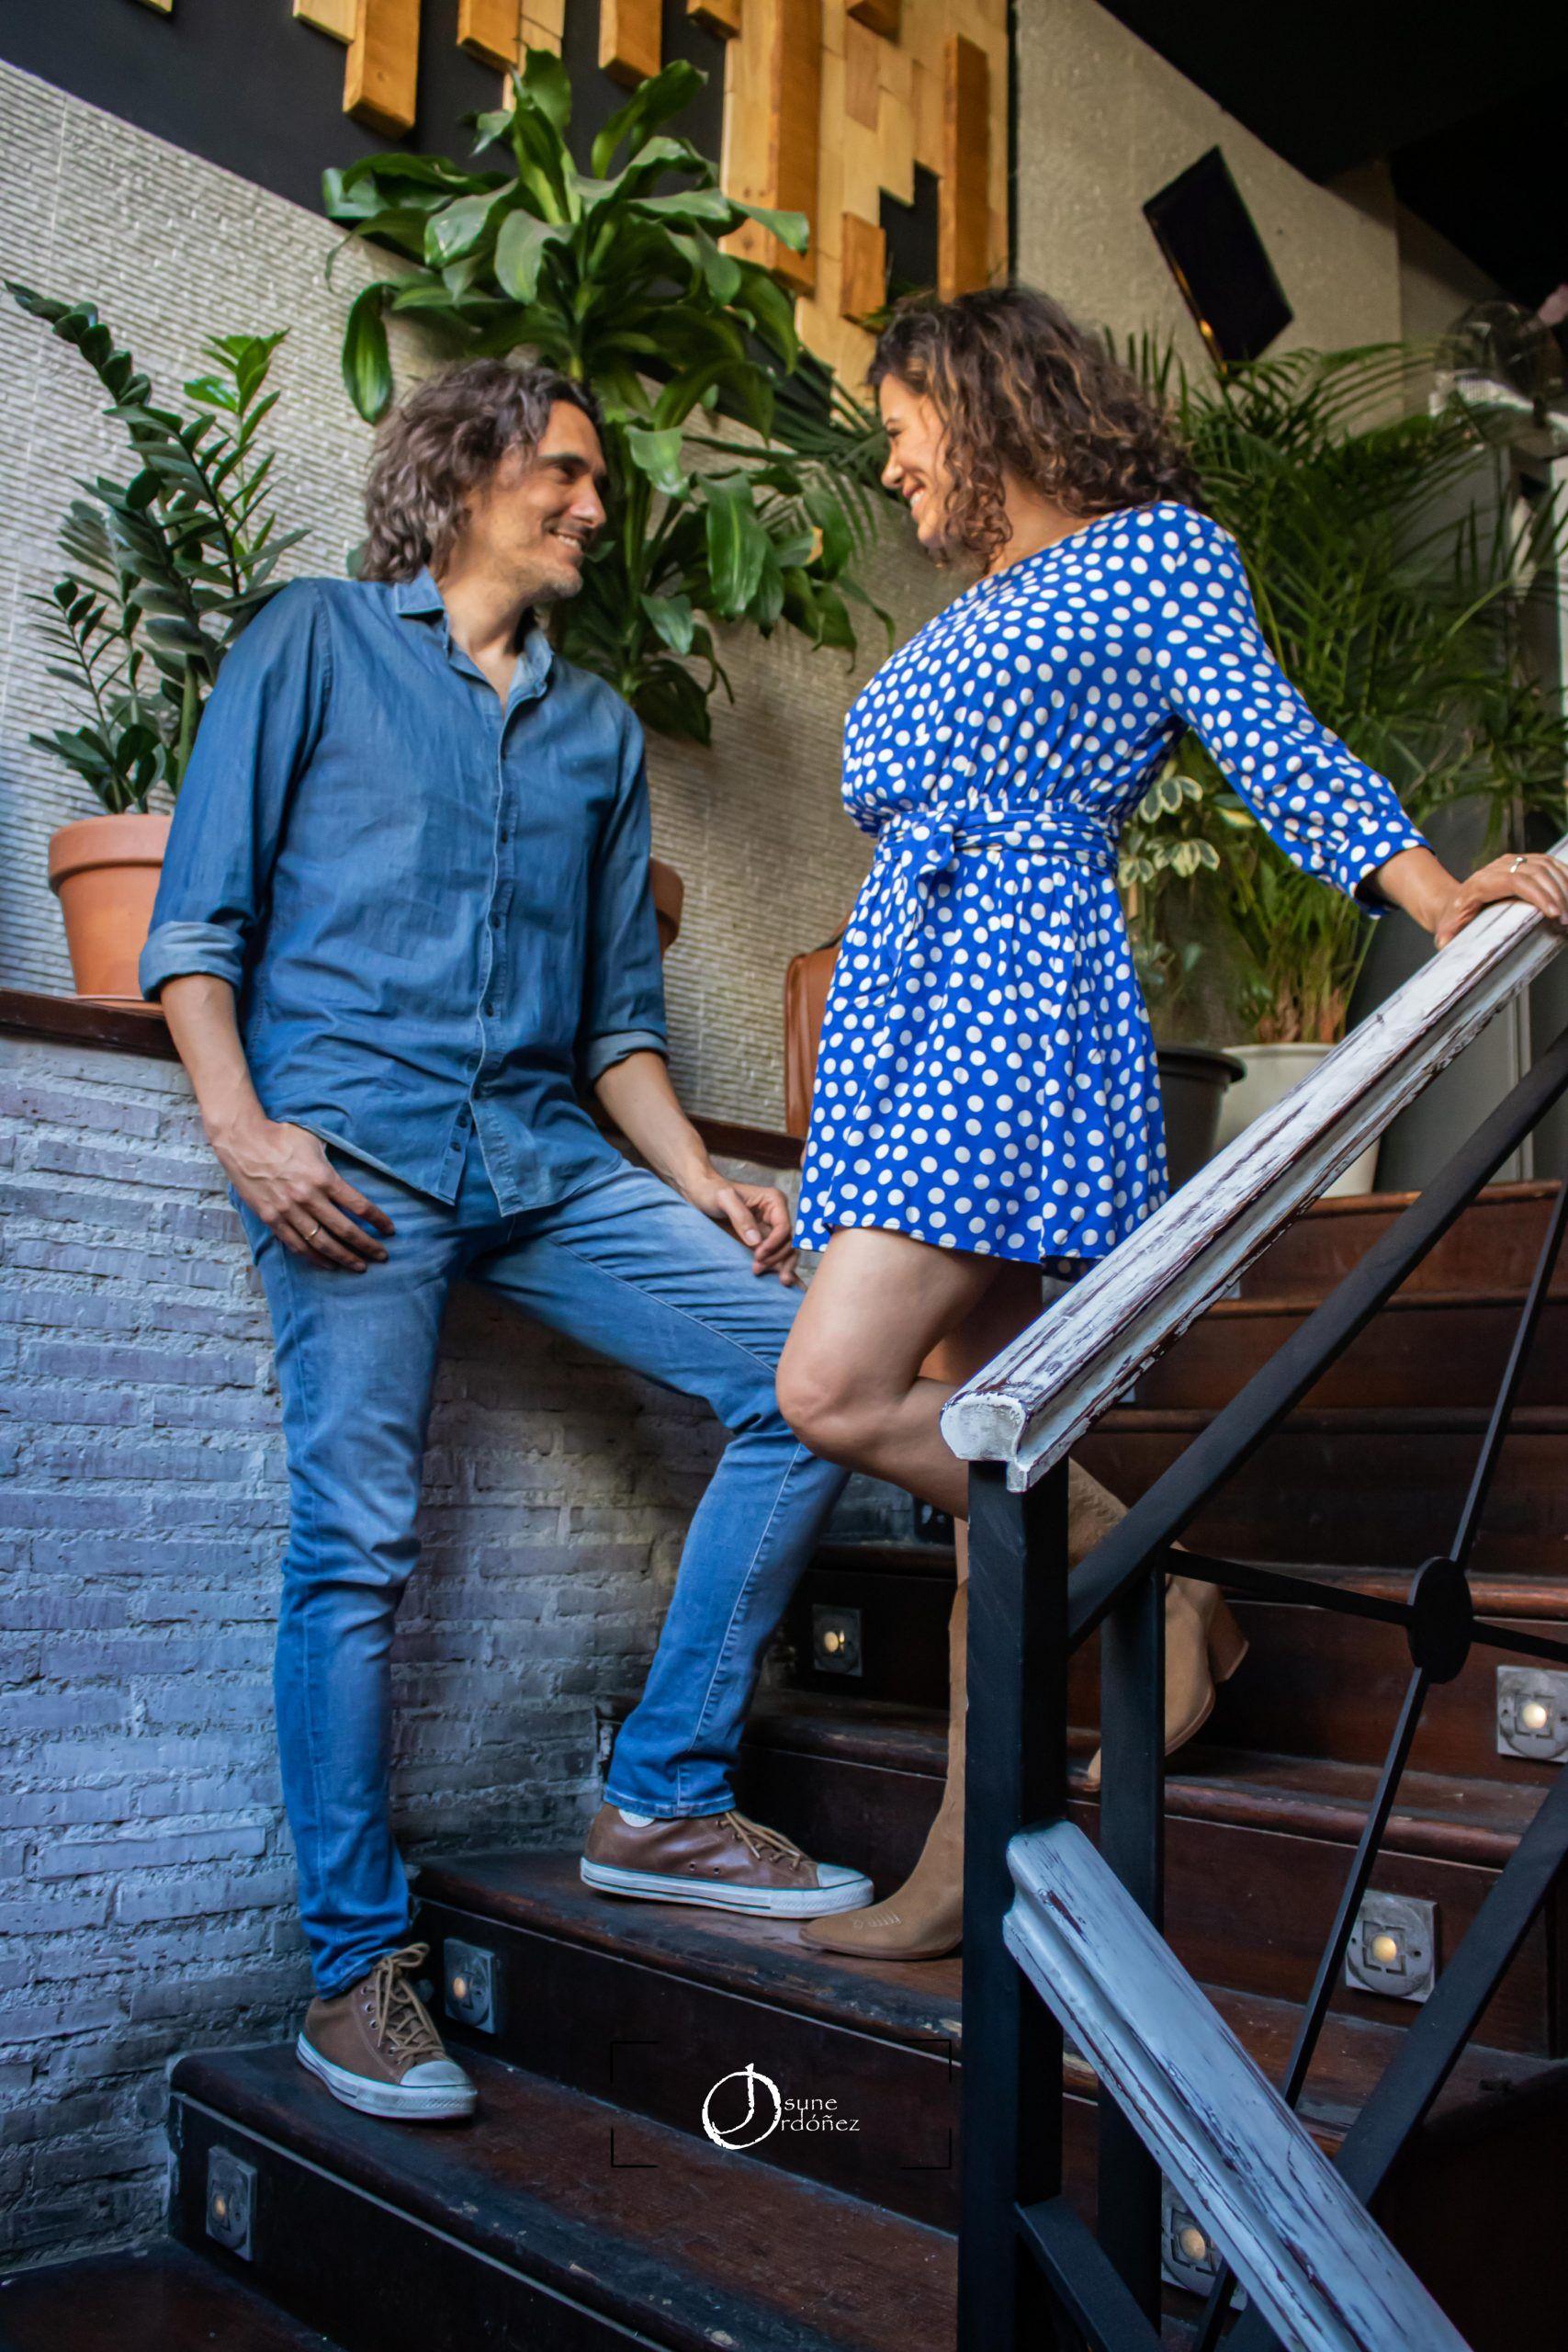 Joaquin Padilla y Chus Herranz componentes del grupo Entrelazados. Foto: Josune Ordóñez